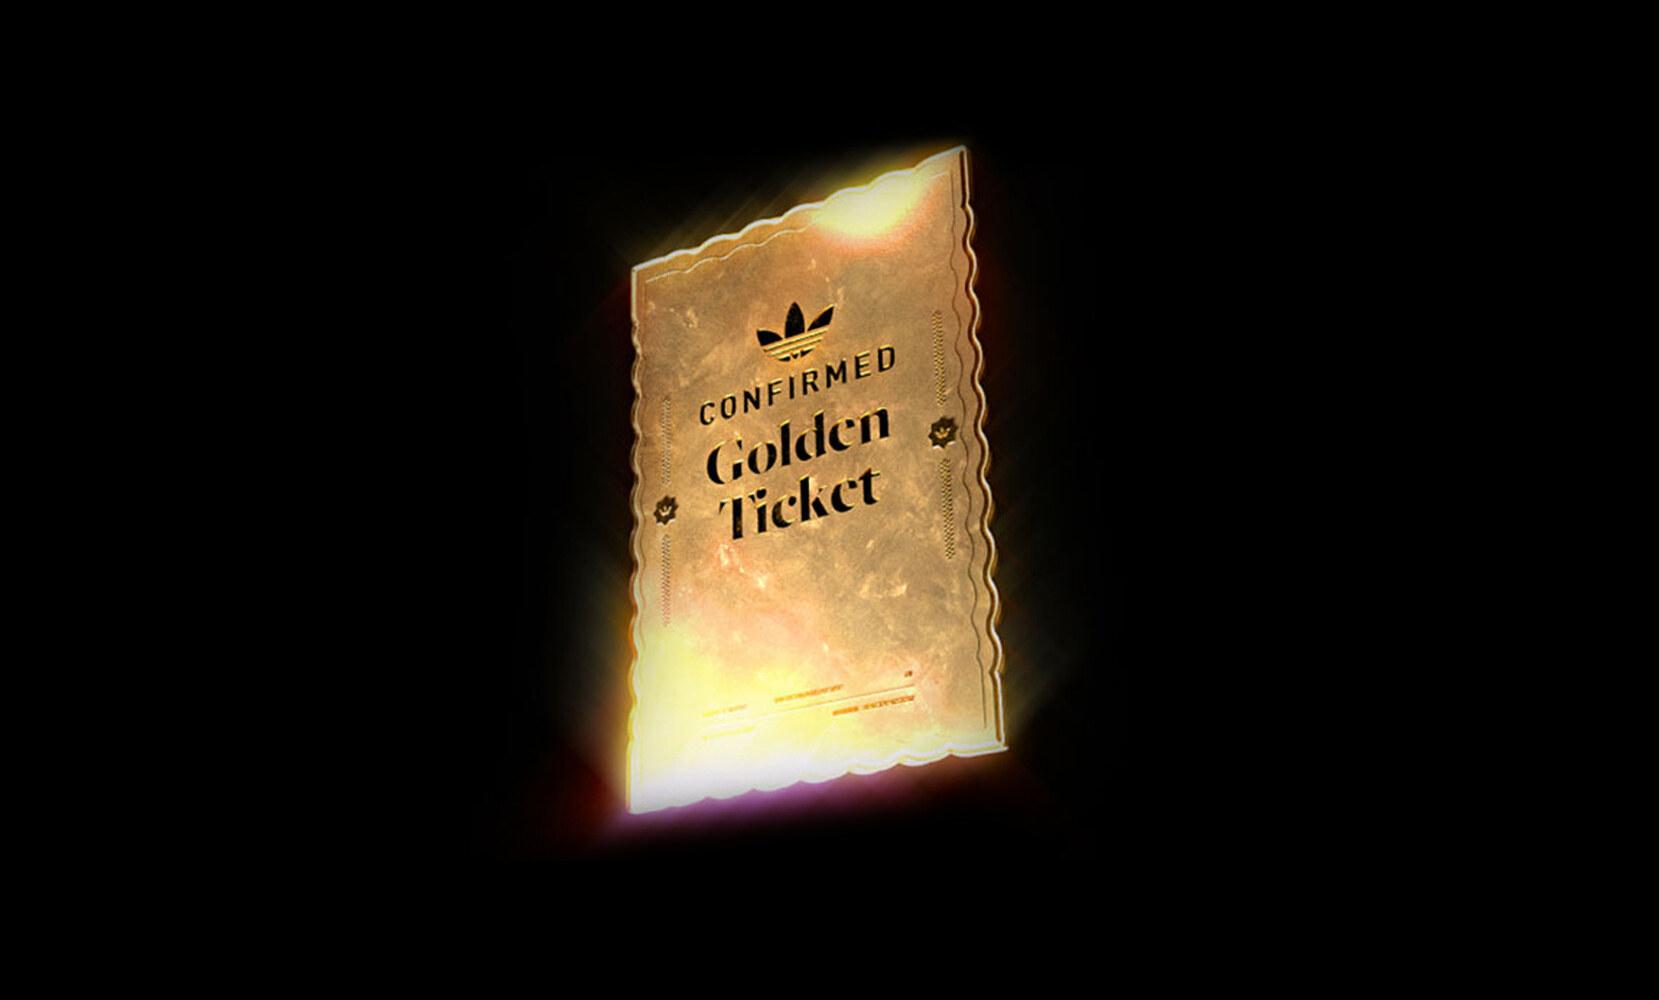 adidas-golden ticket